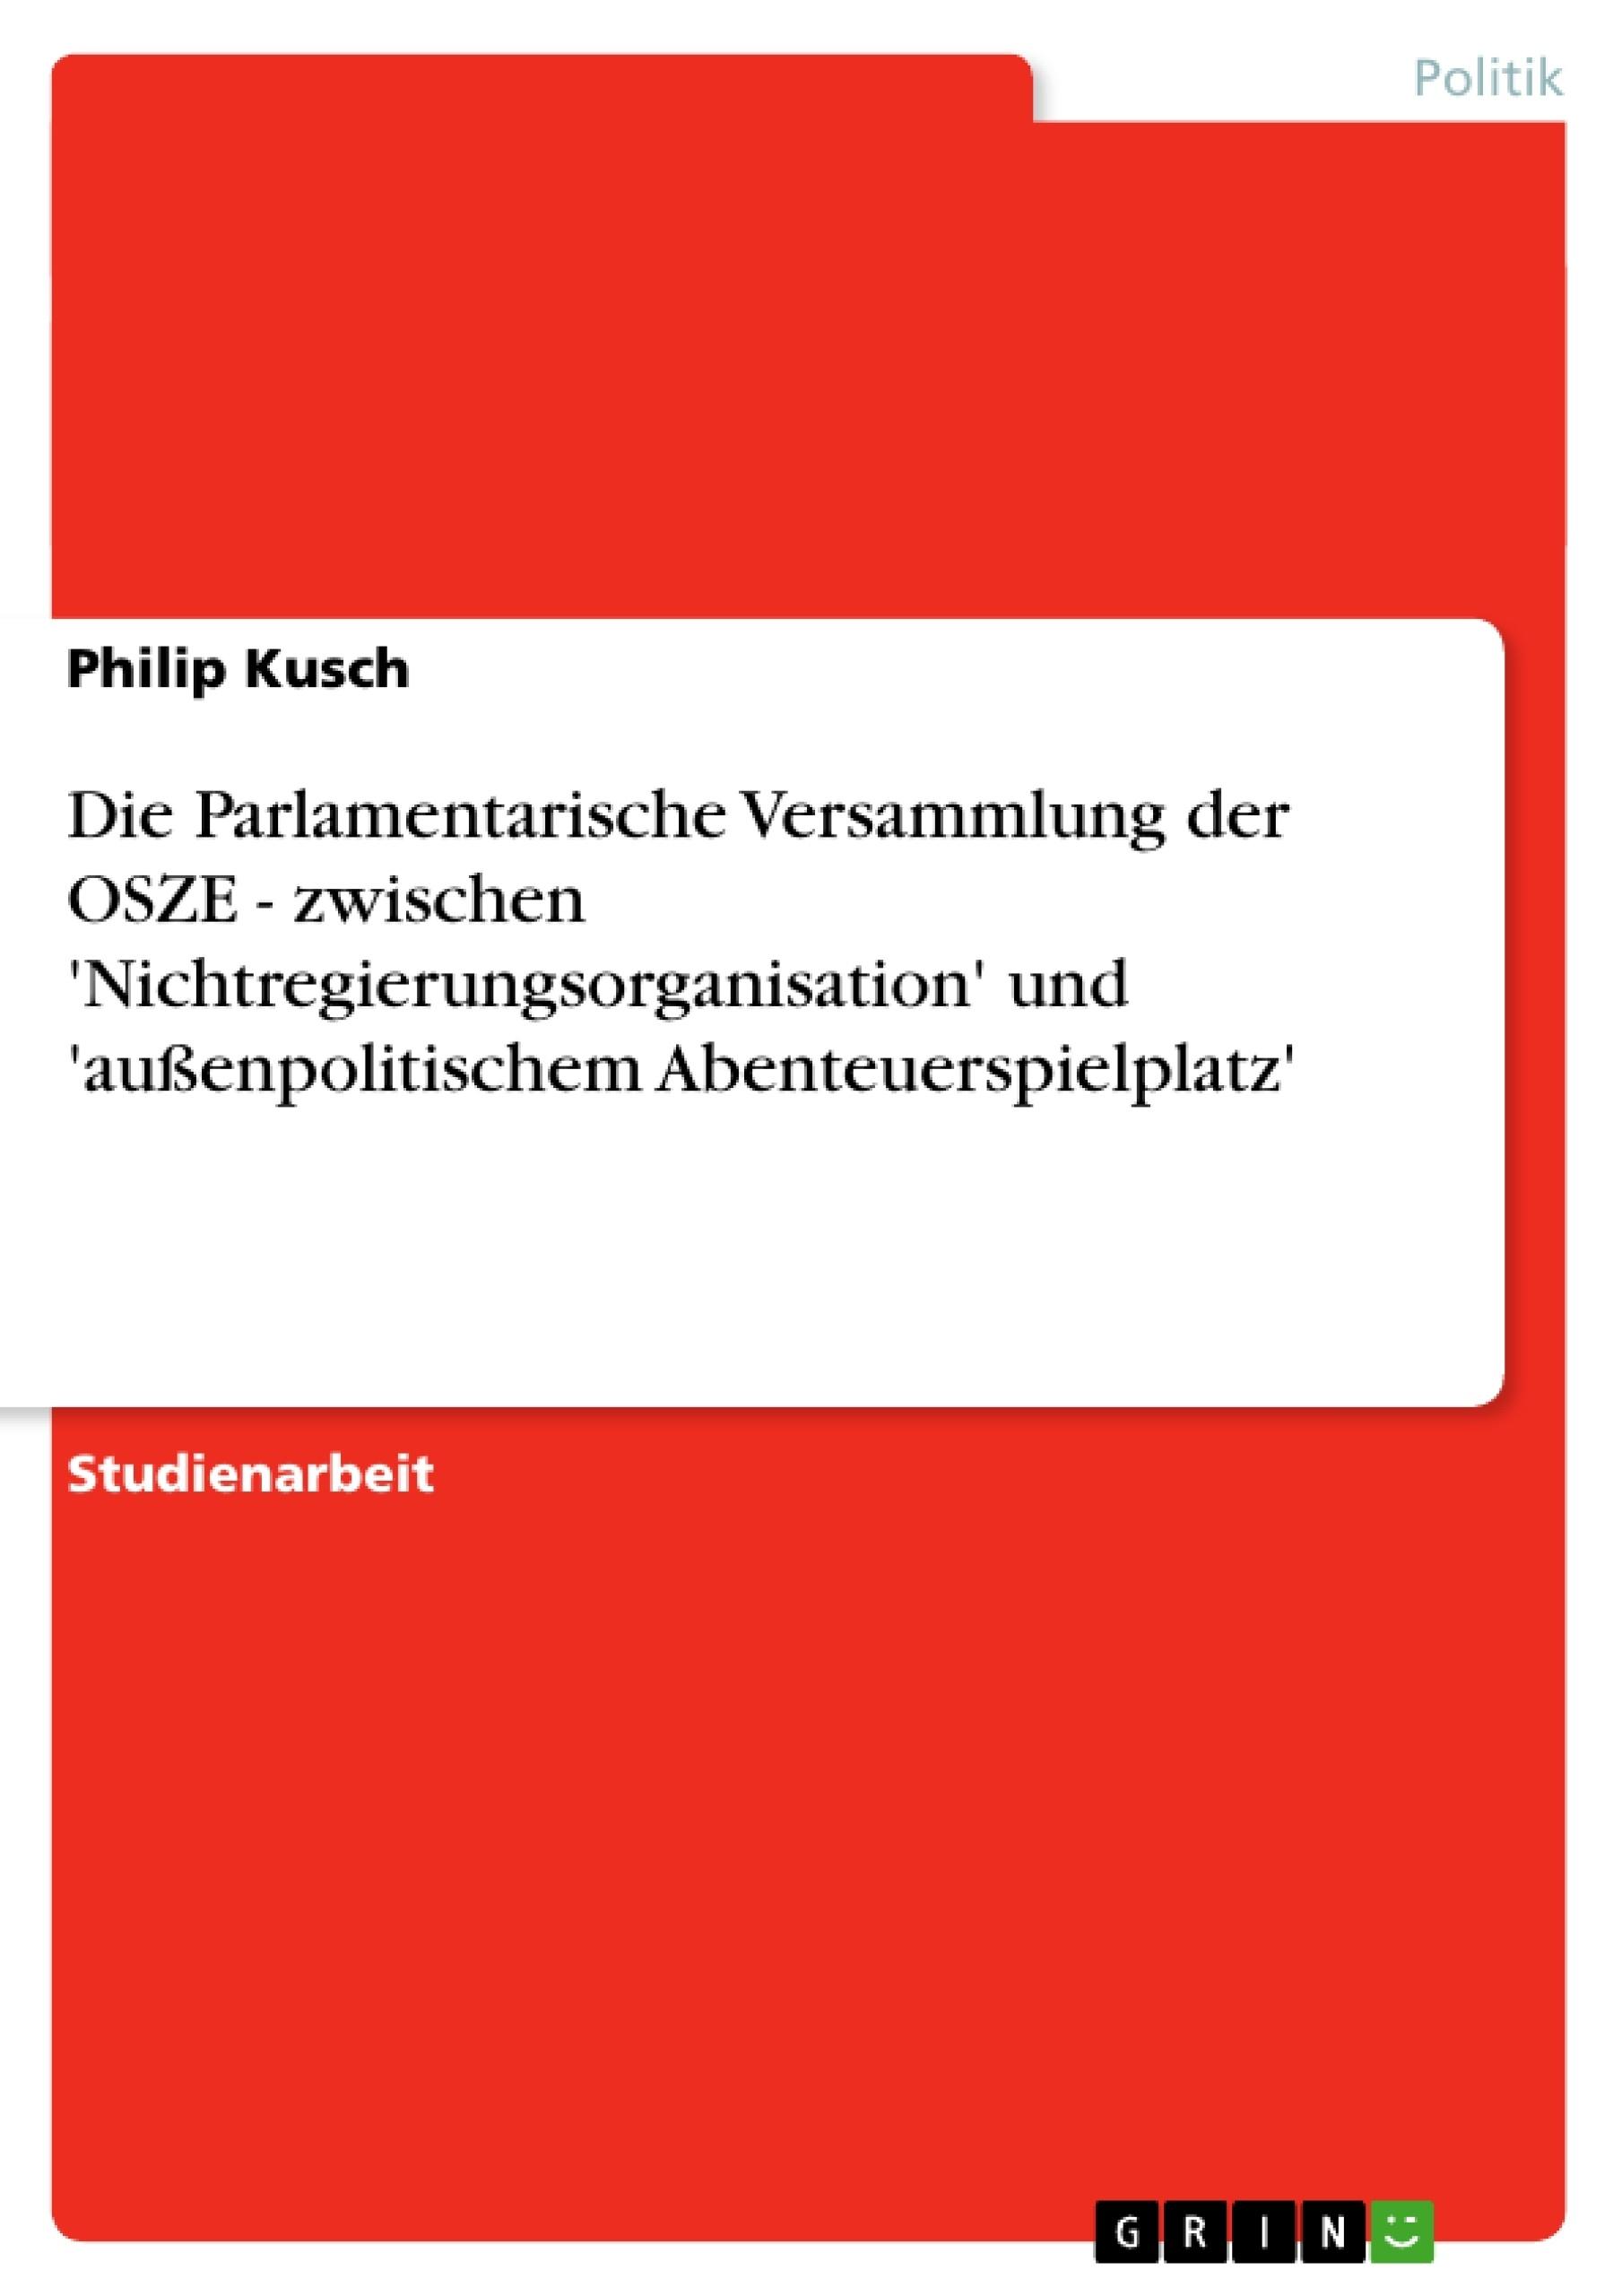 Titel: Die Parlamentarische Versammlung der OSZE - zwischen 'Nichtregierungsorganisation' und 'außenpolitischem Abenteuerspielplatz'